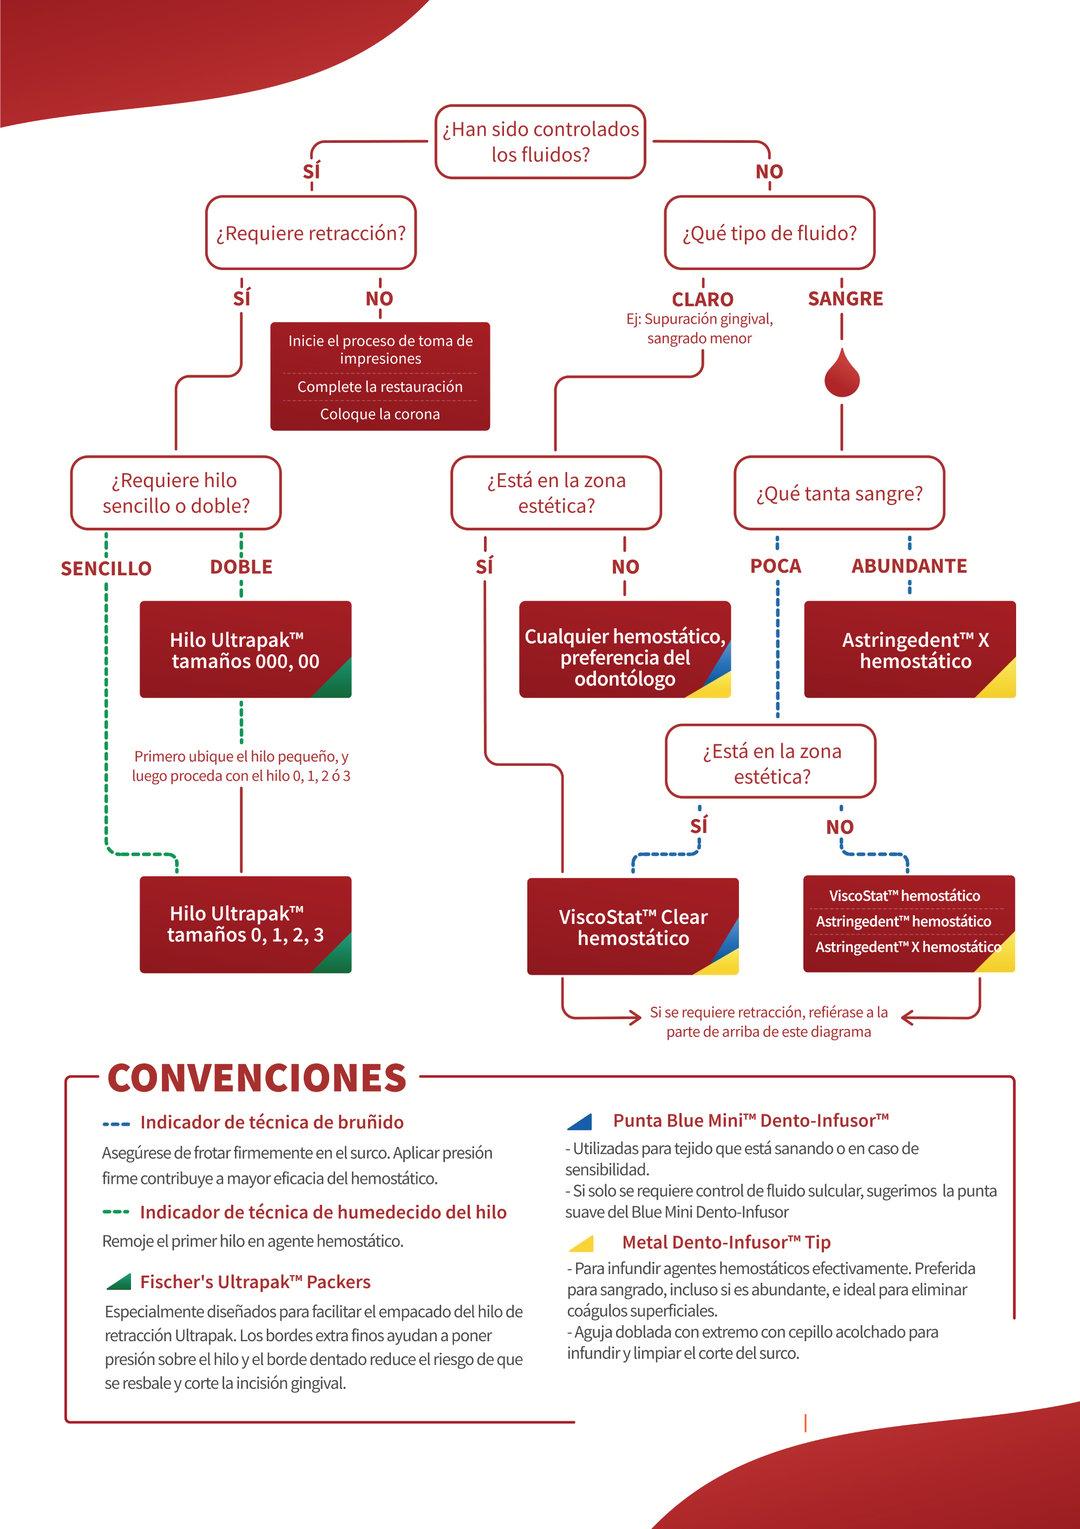 Diagrama-de-decisiones2